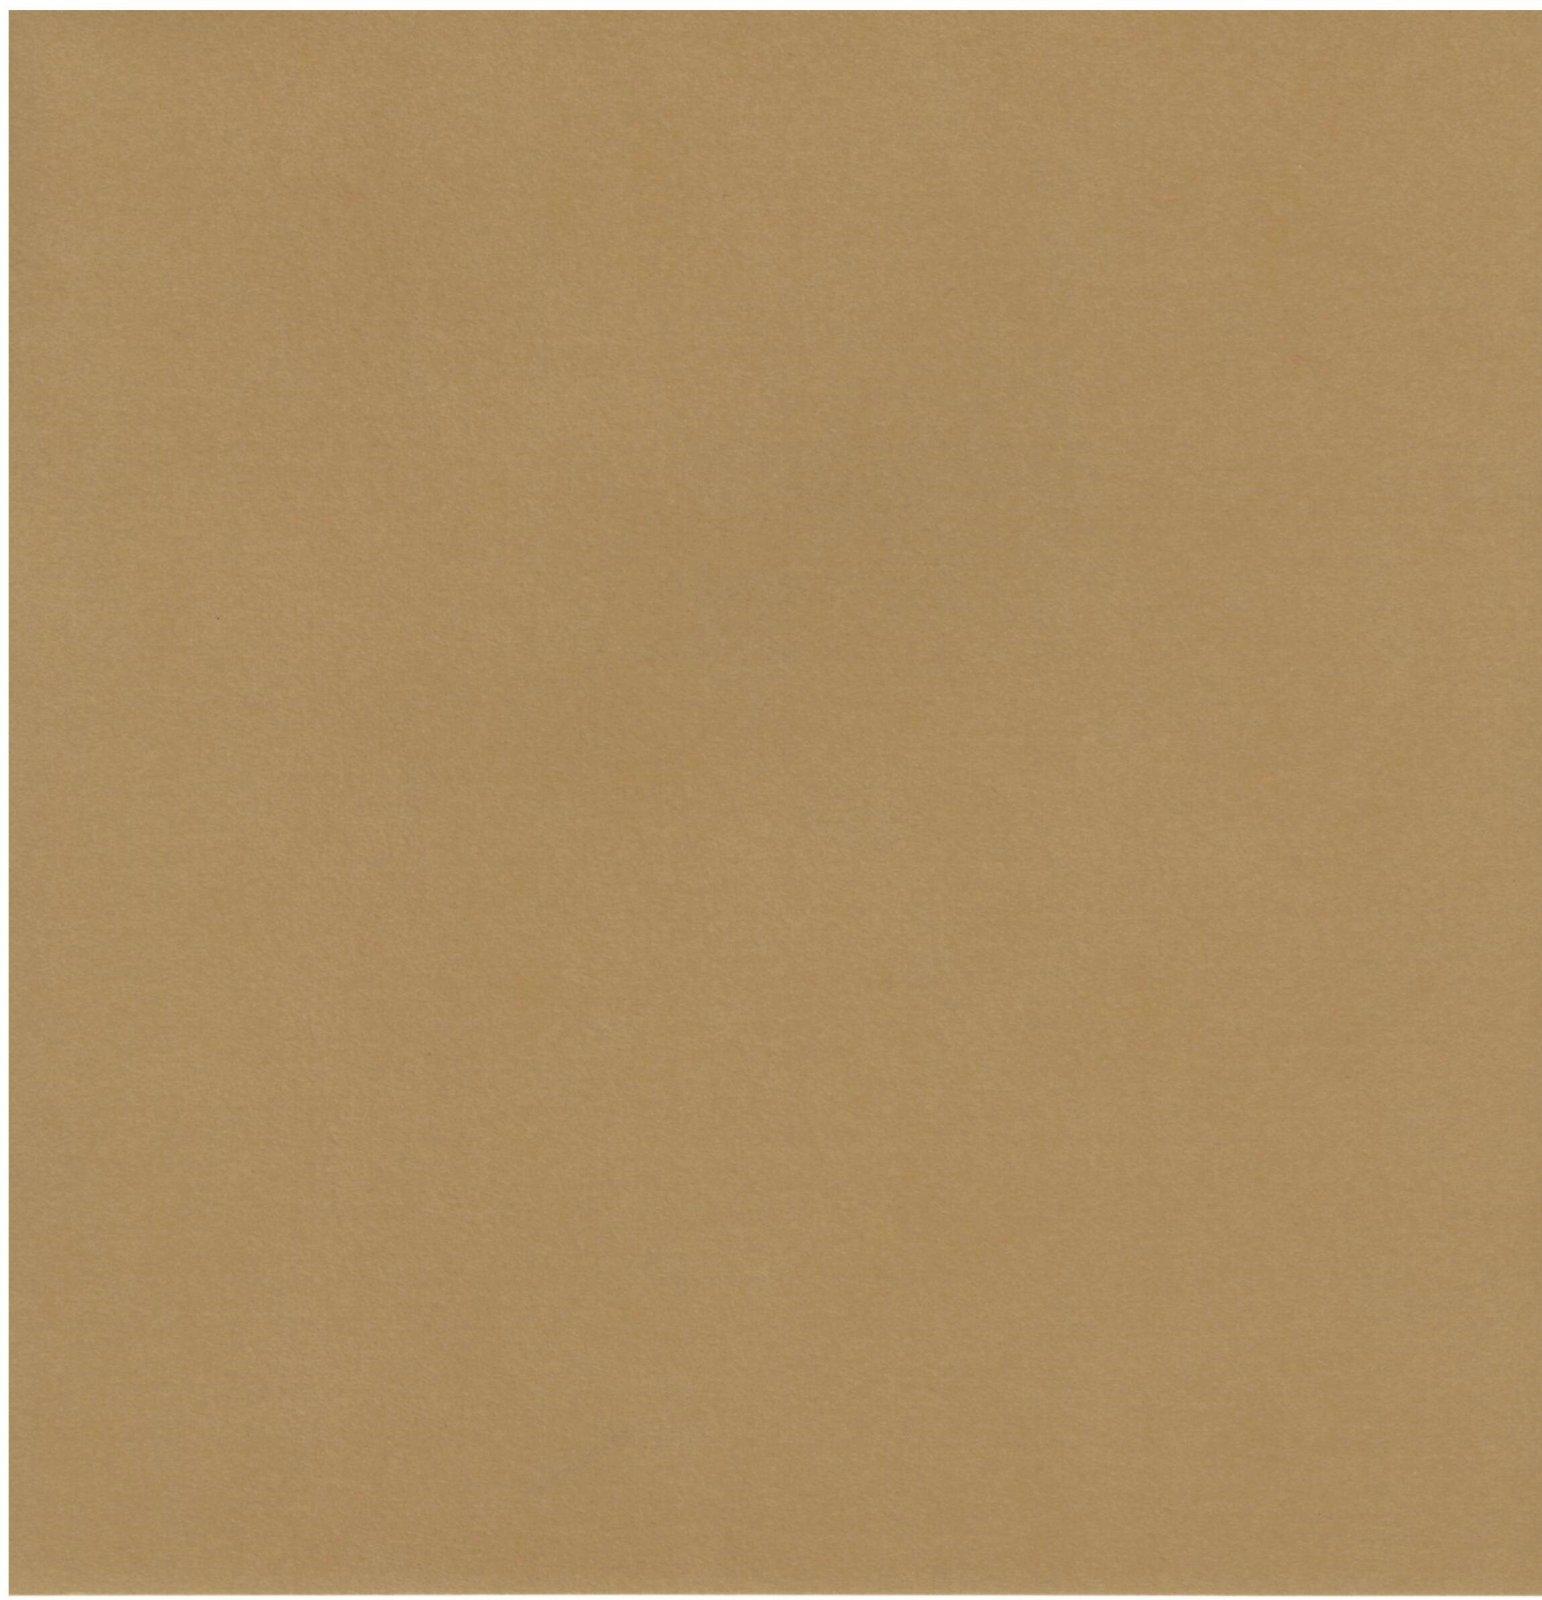 AC Cardstock 12X12 doux/lisse Caramel 80lbs - Smooth Cardstock, Caramel Item # 71770